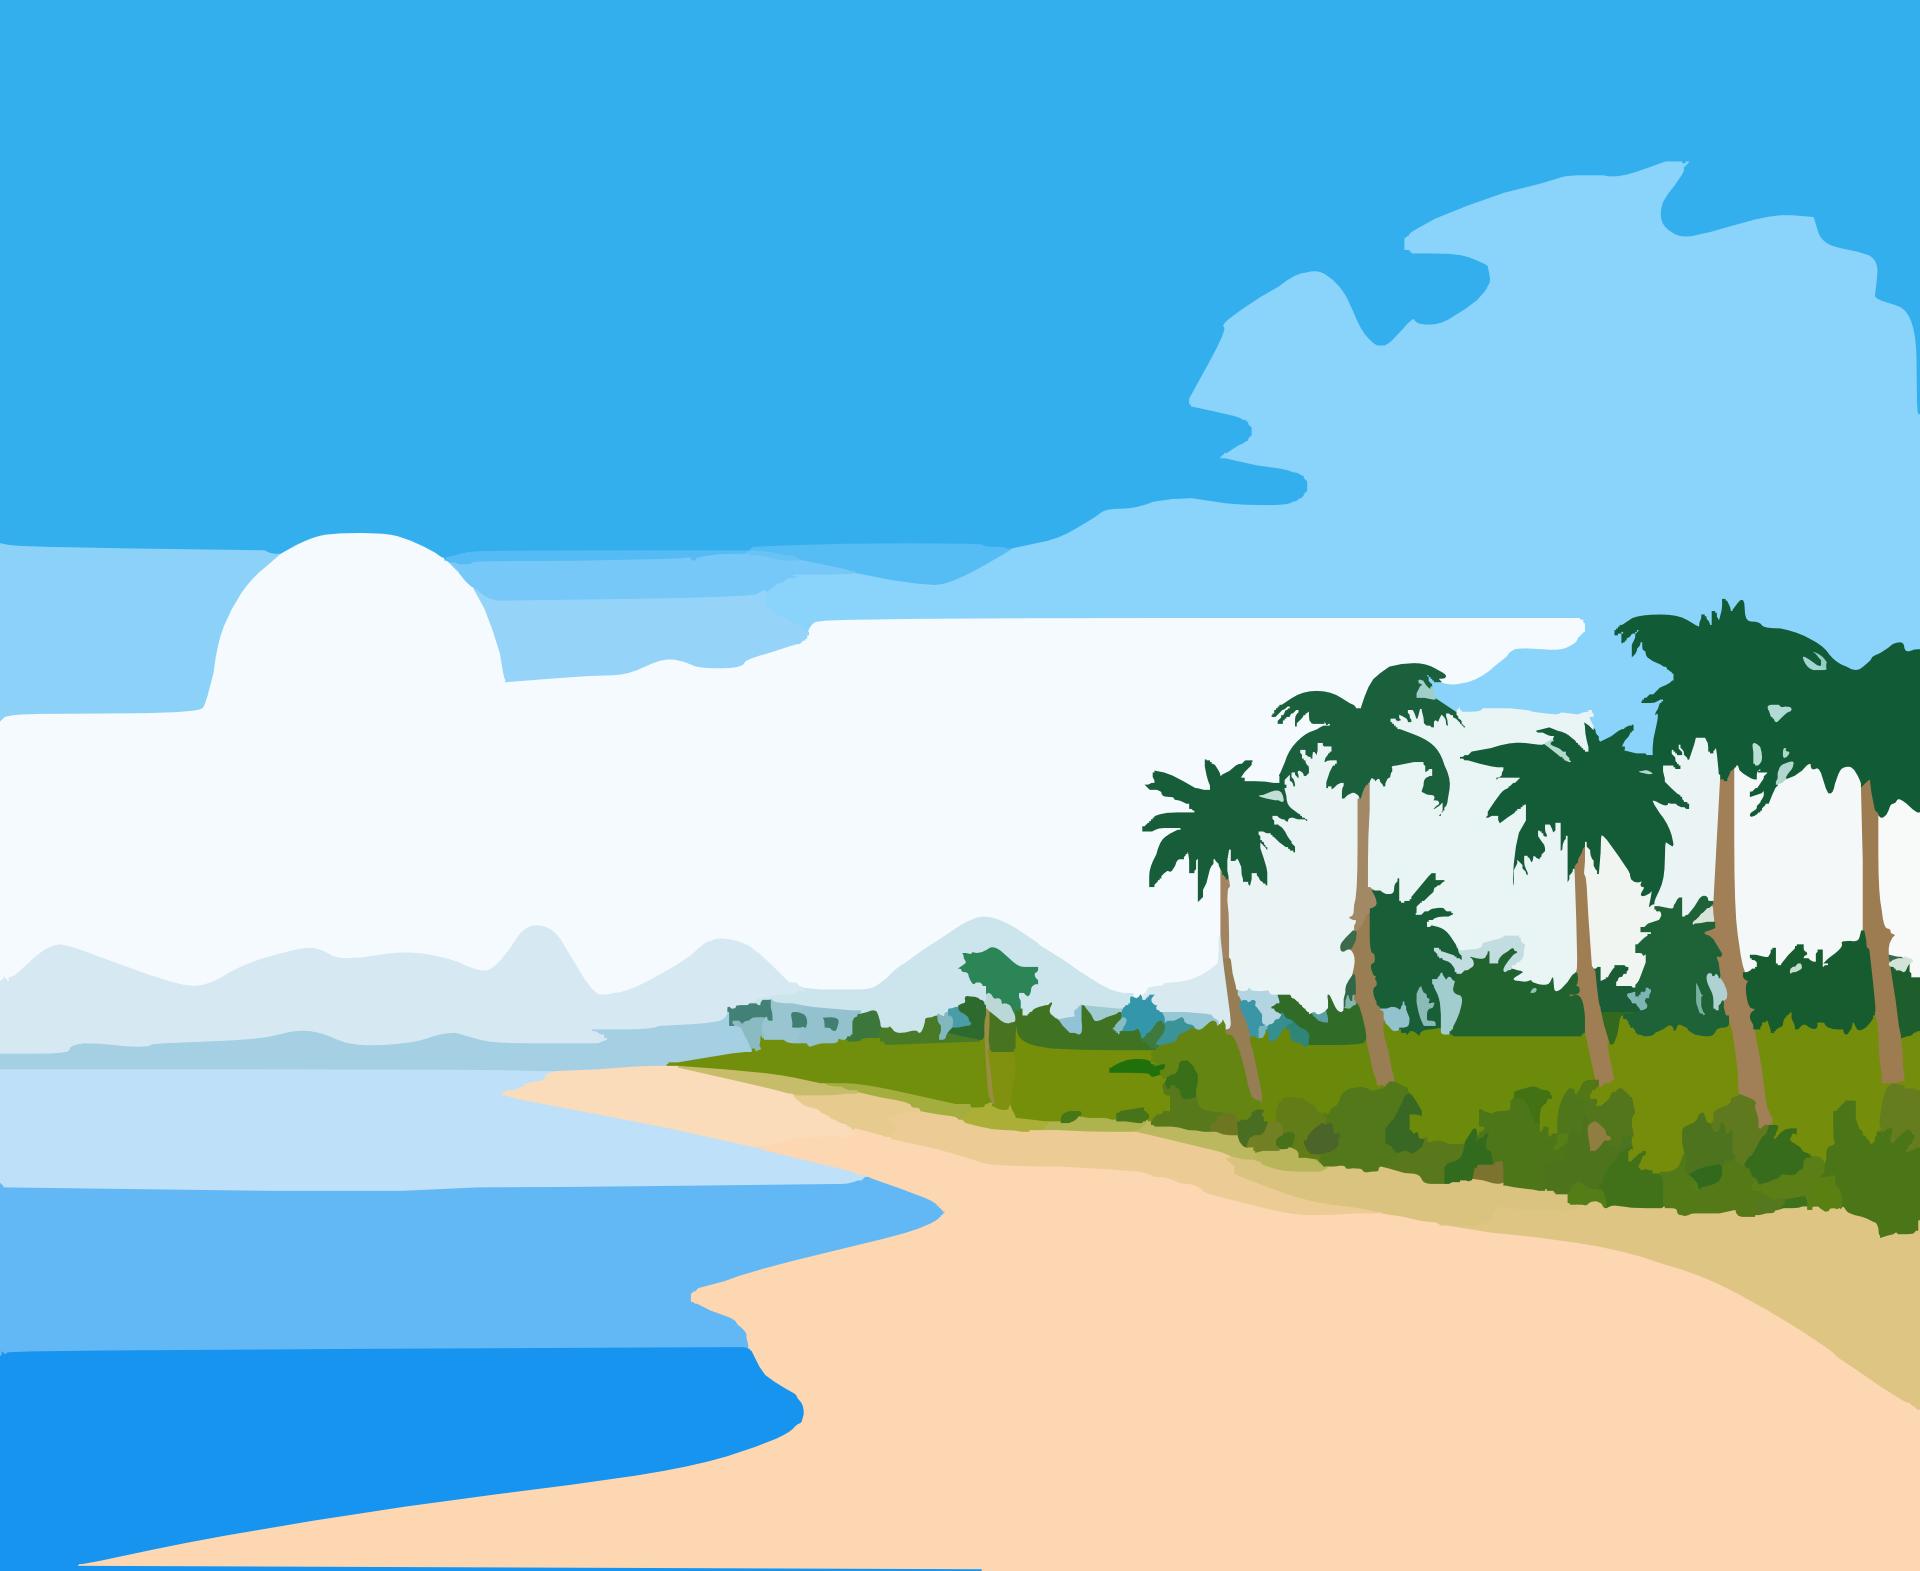 Beach island clipart